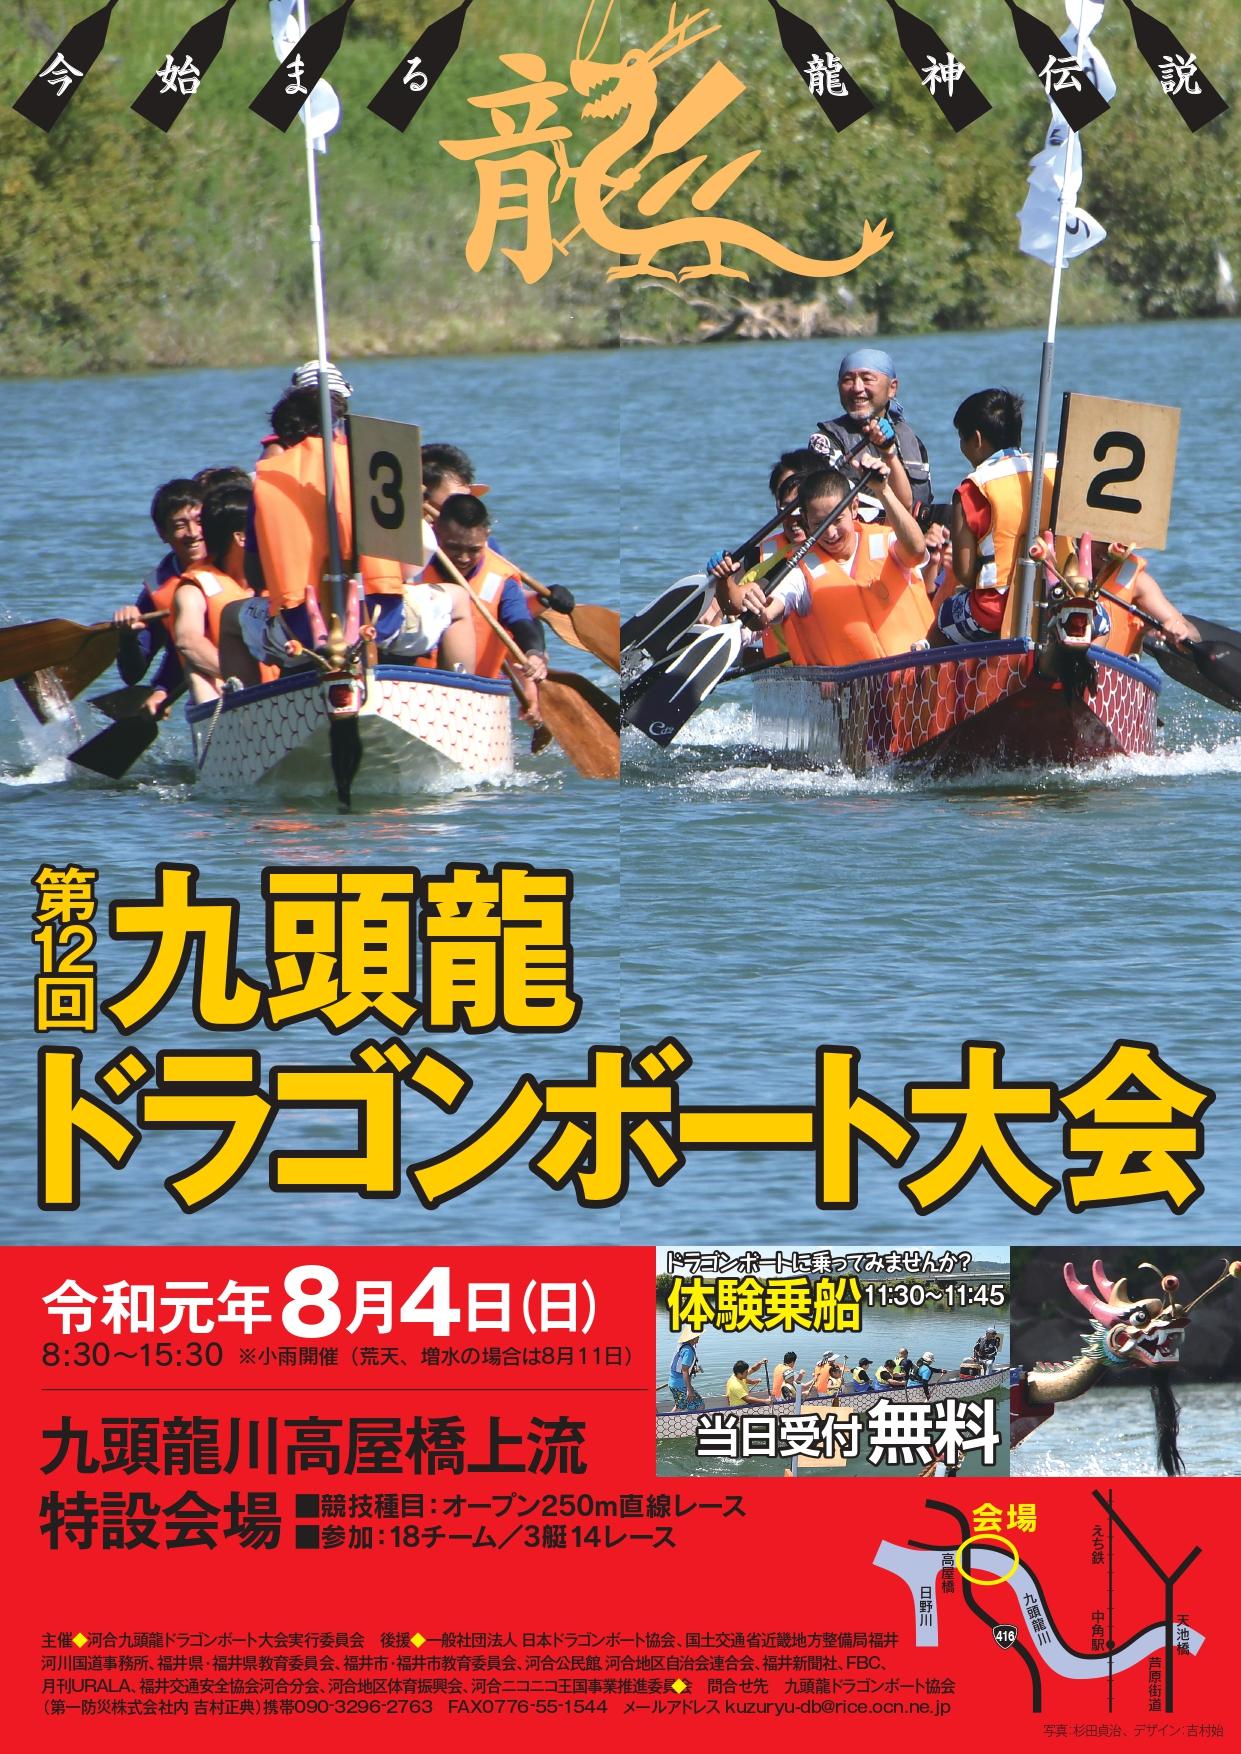 九頭竜ドラゴンボート大会